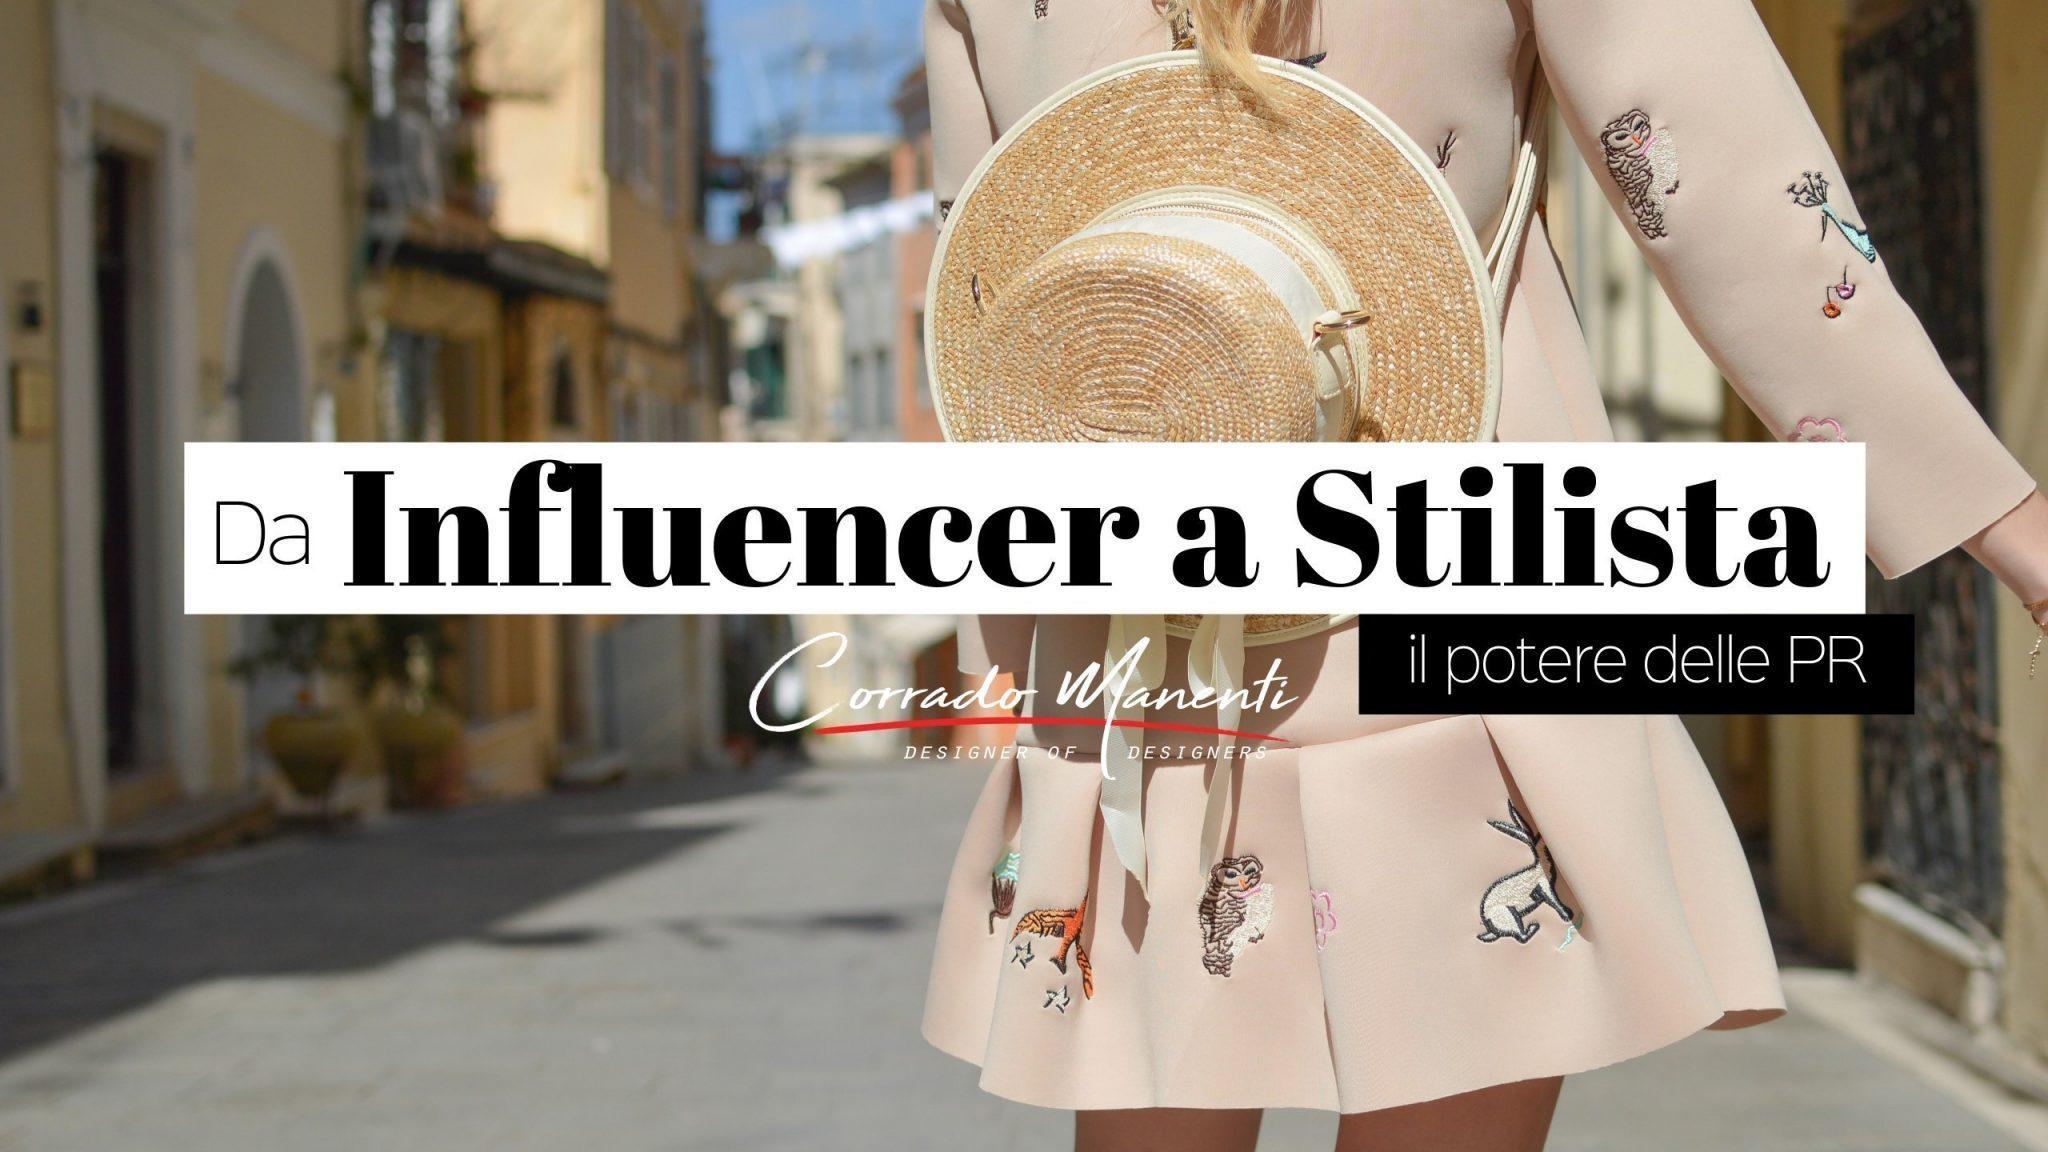 Da Influencer a Stilista?